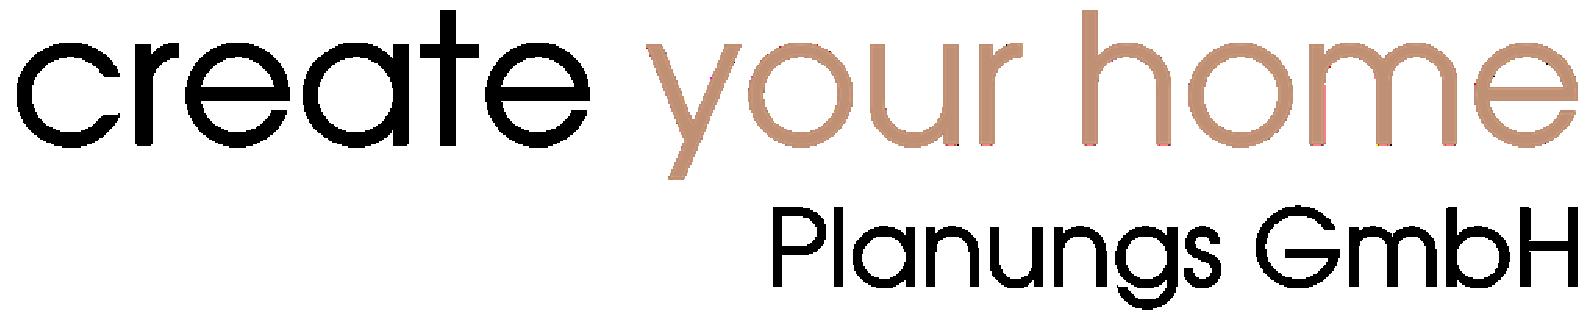 create your home Planungs GmbH | Bauträger, Umbau und Sanierung, Bauberatung, Planung, Projektentwicklung, Baumeister und Generalunternehmer - alles aus einer Hand aus Anif in Salzburg